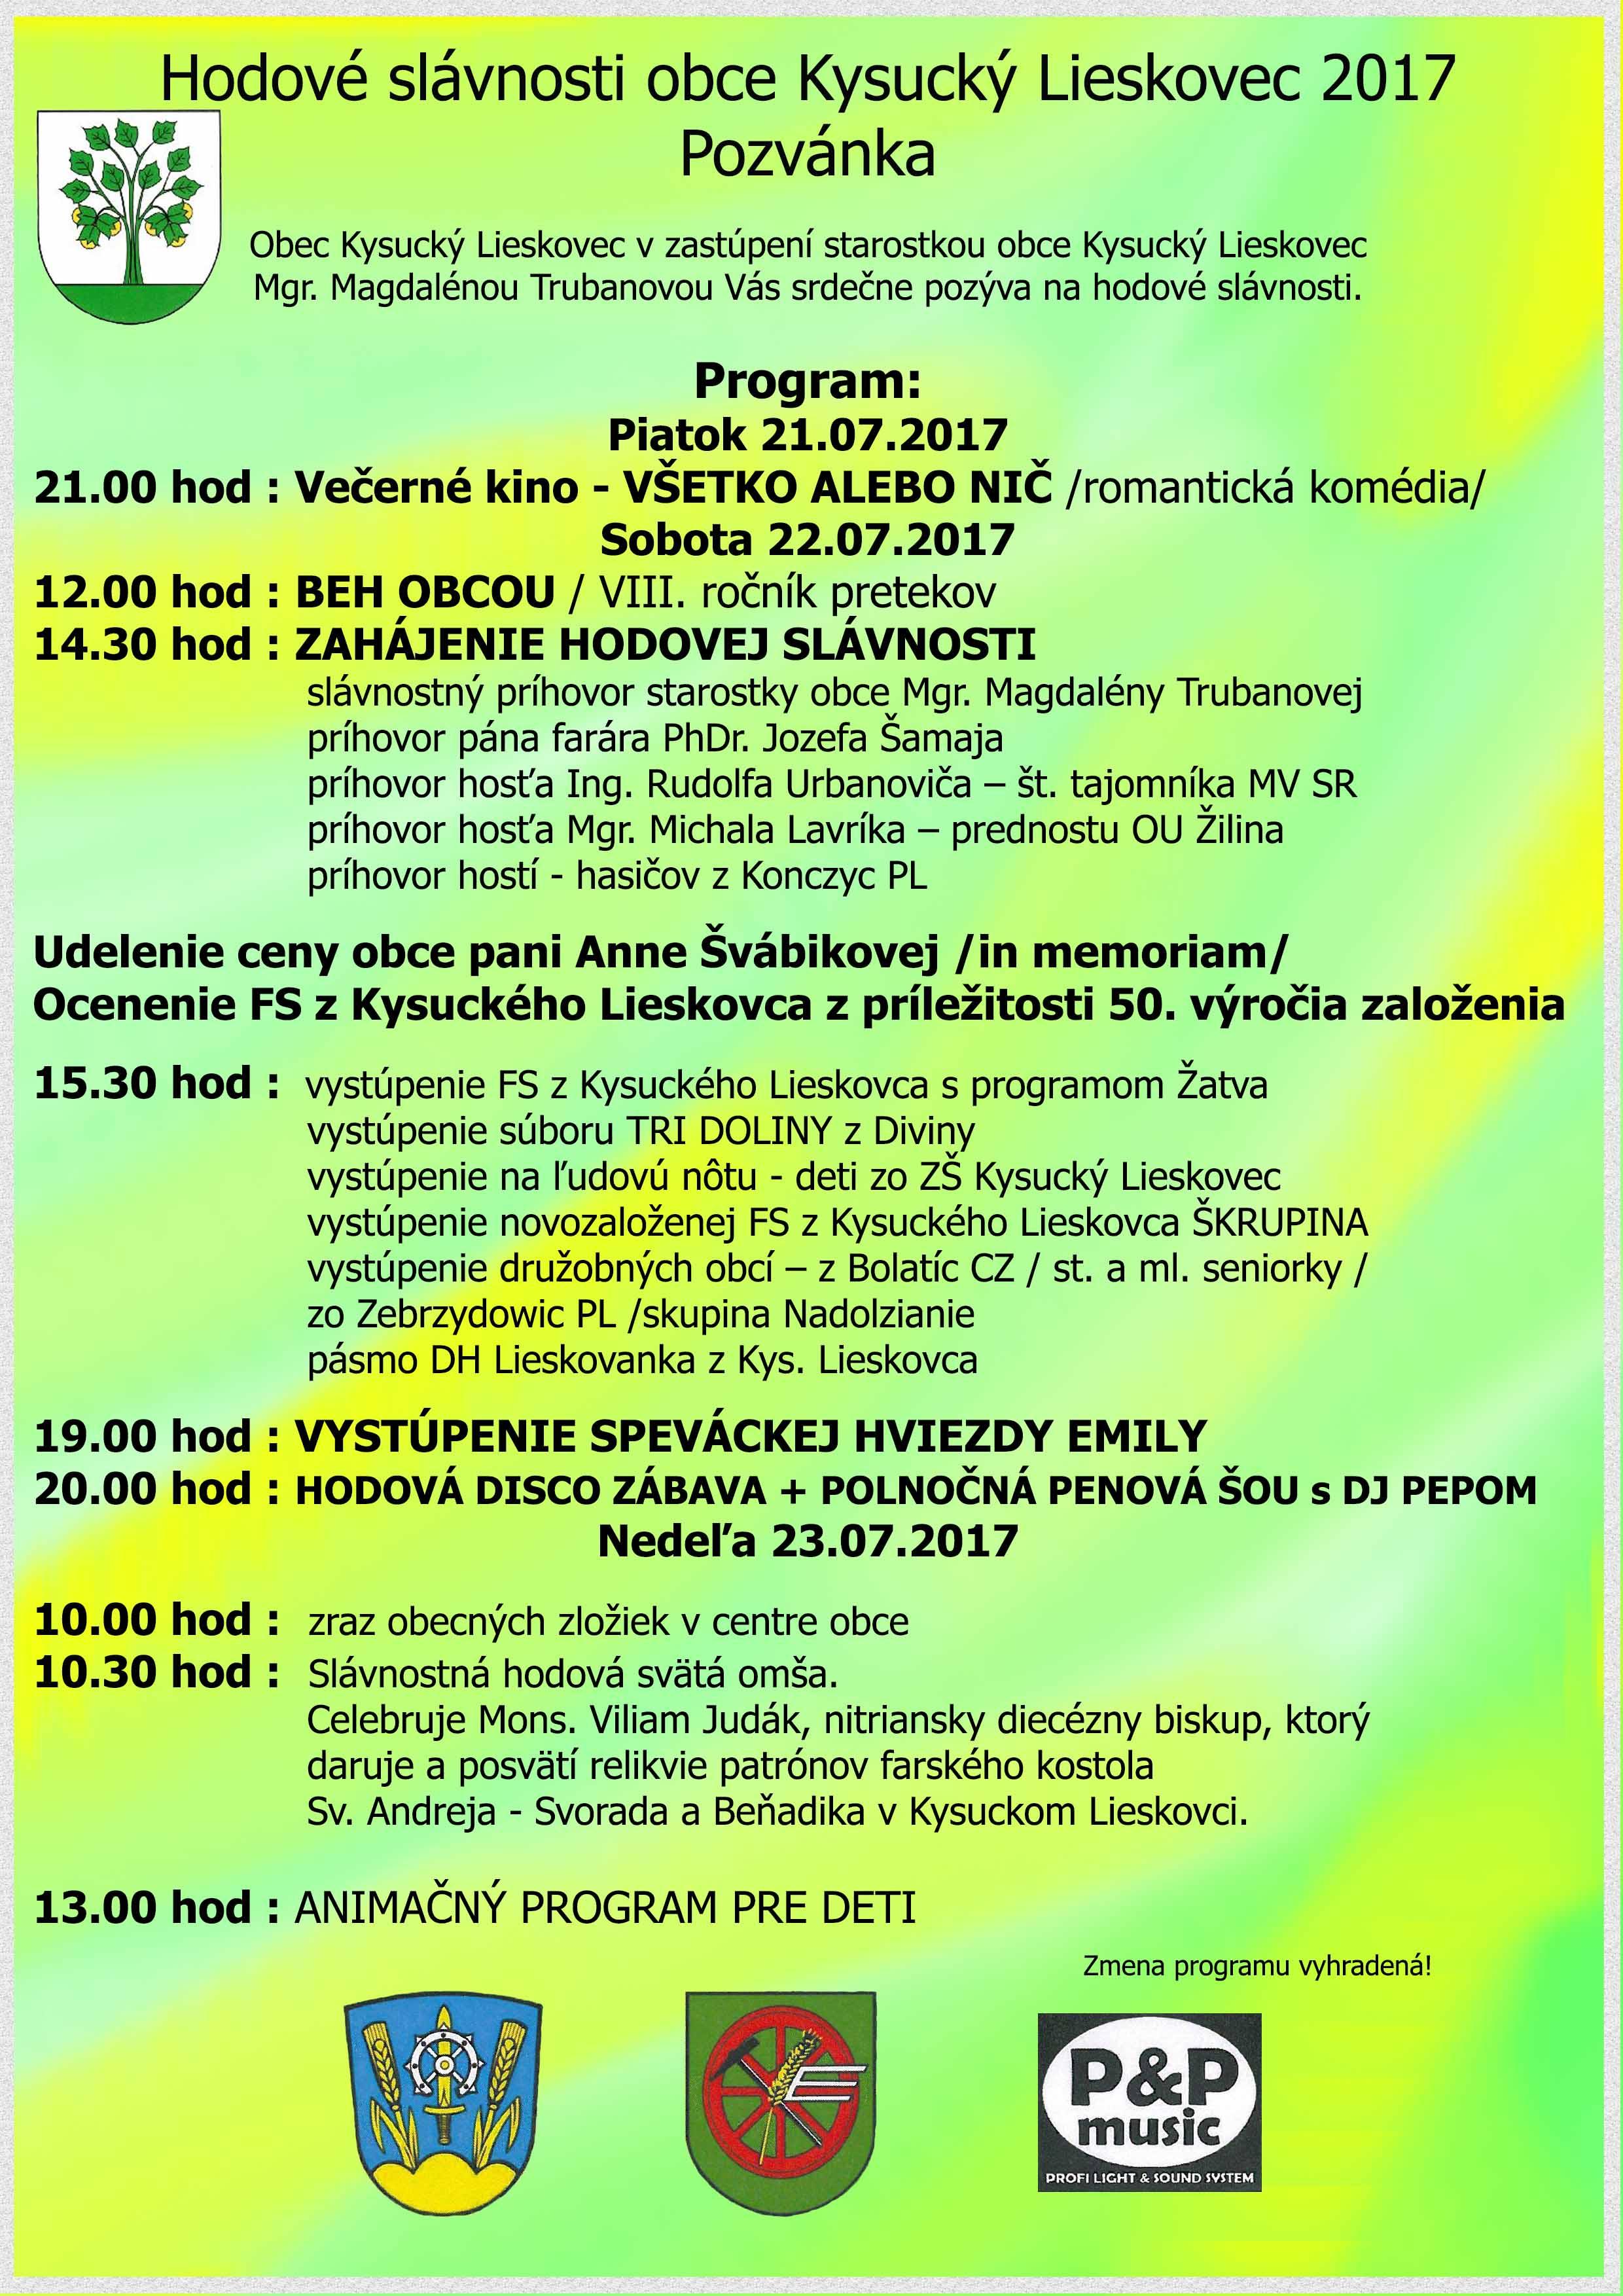 Hodové slávnosti 2017 Kysucký Lieskovec - program